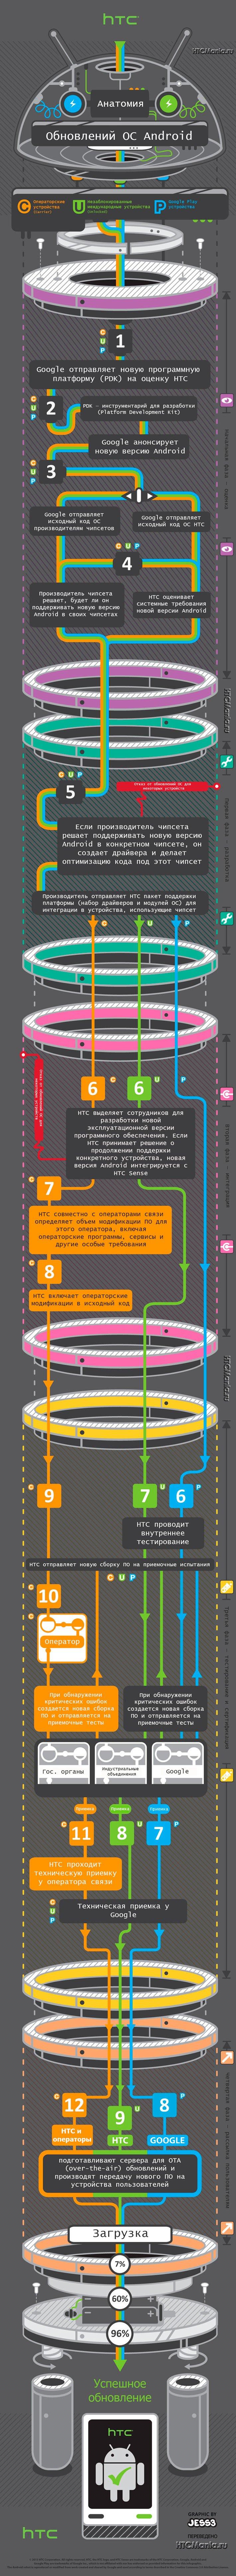 Процесс обновления Android-устройств HTC